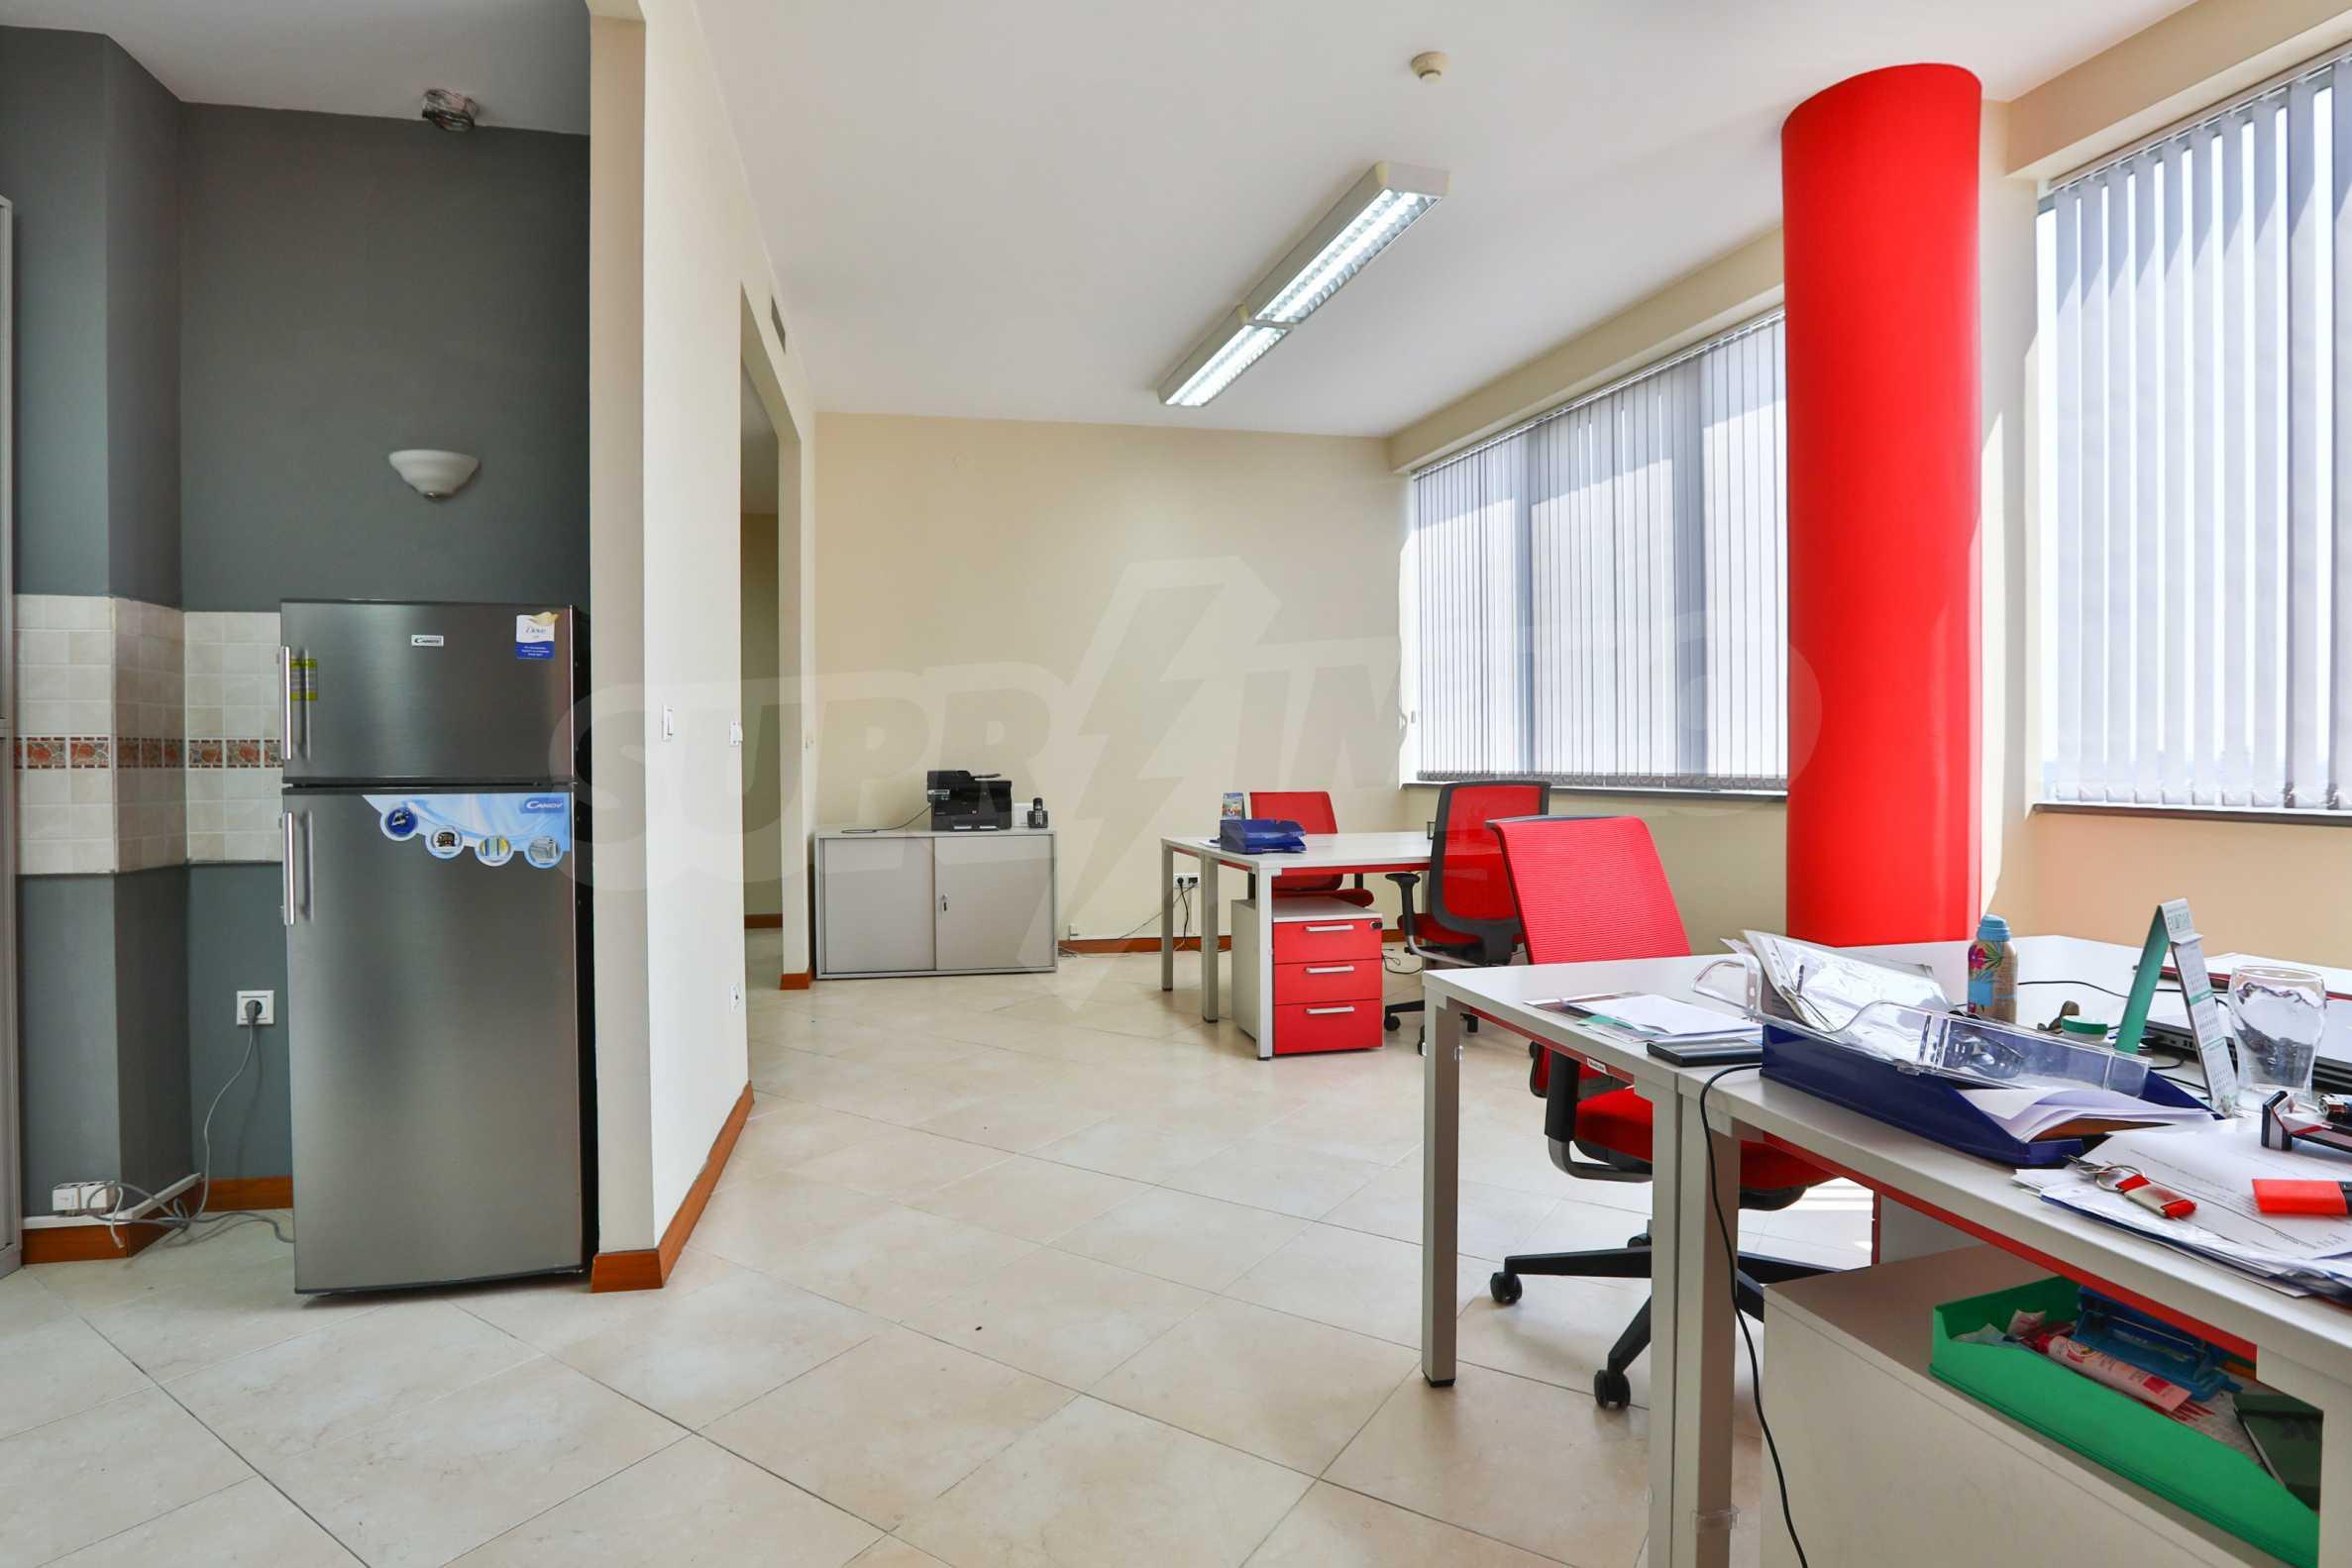 Офис с паркомясто в луксозната Бизнес сграда Белисимо, кв. Манастирски ливади 4